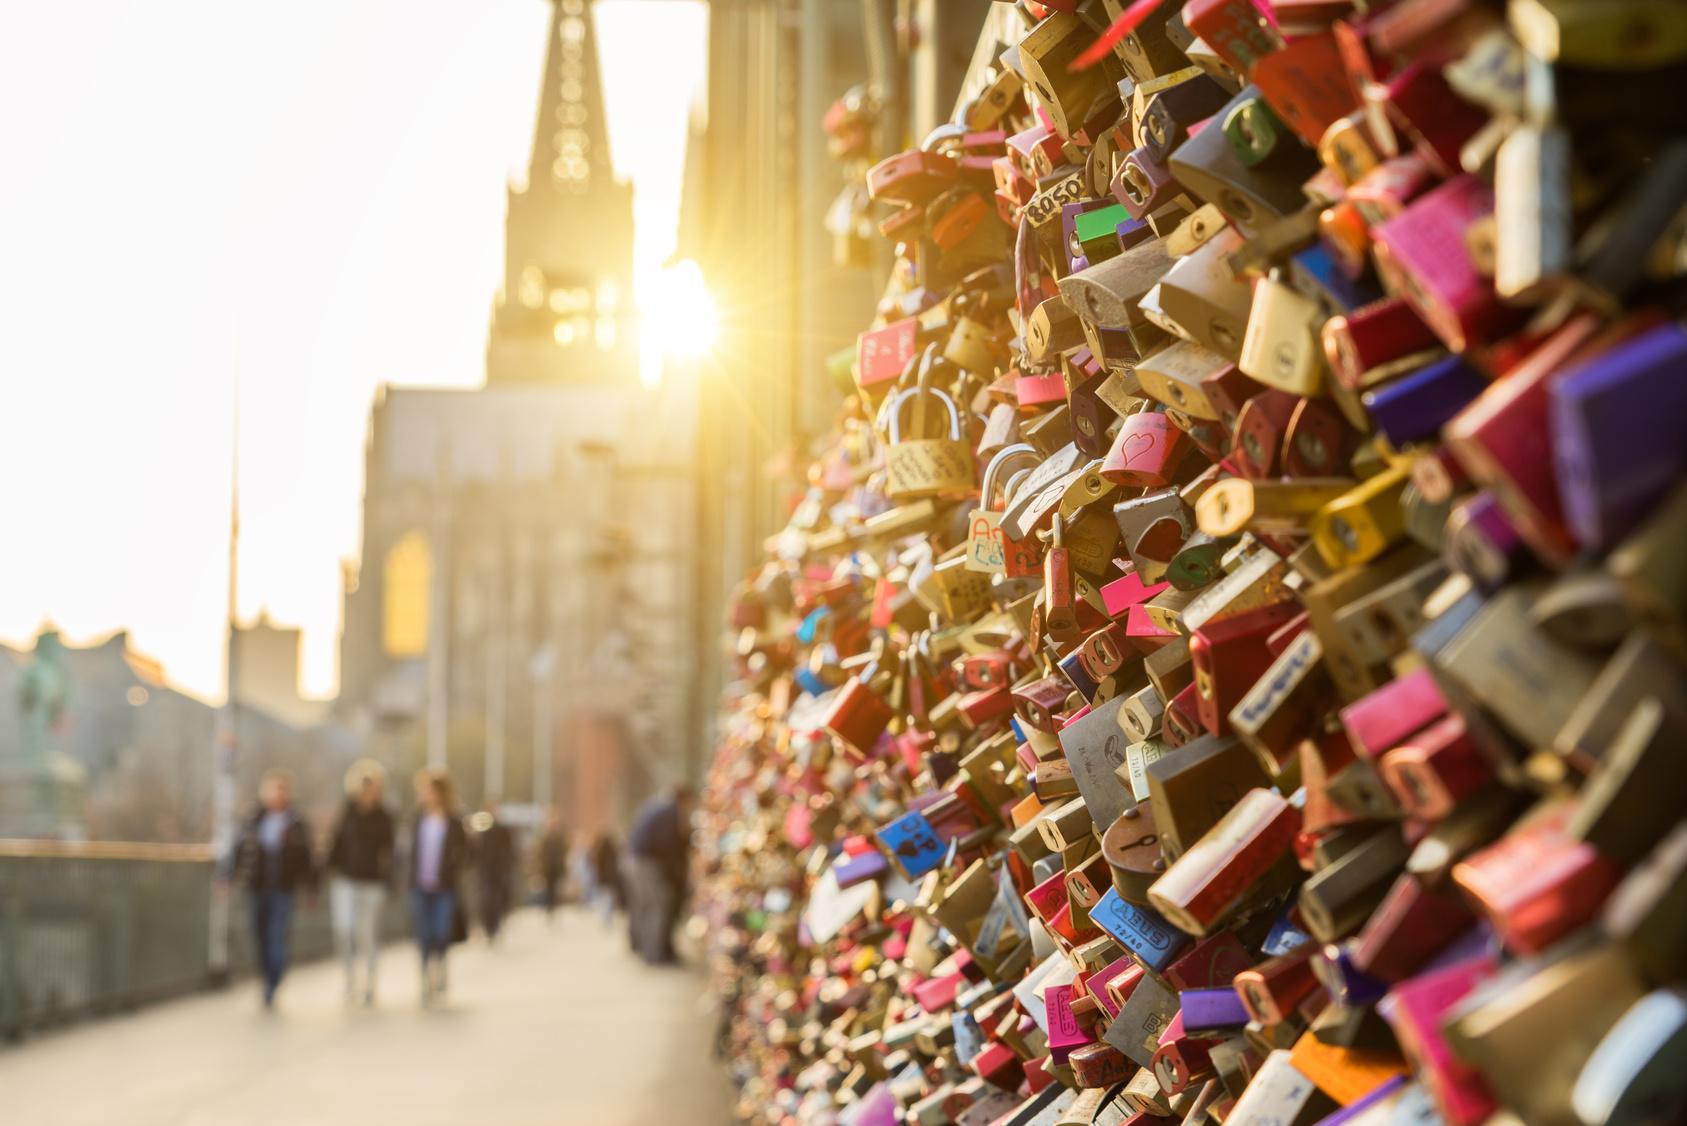 Vorhängeschlösser als Zeichen ewiger Liebe reihen sich am Brückengeländer dicht an dicht.